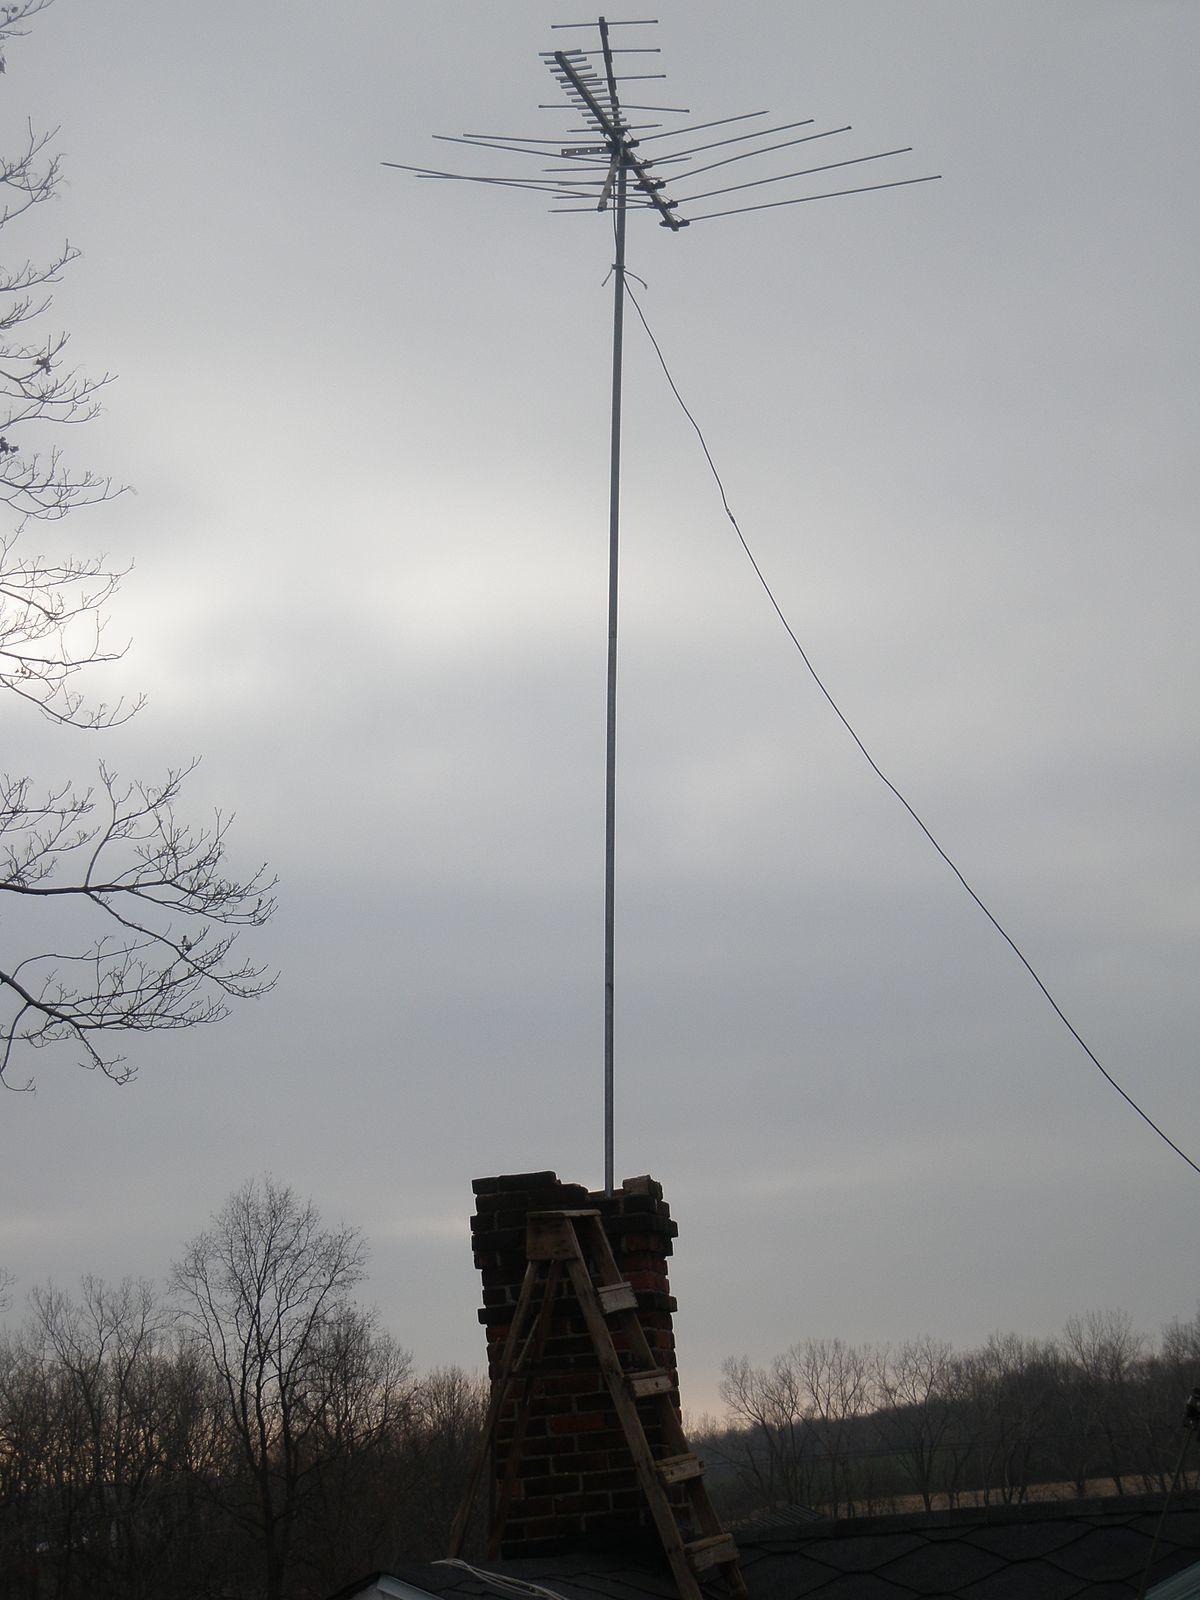 Drop (telecommunication) - Wikipedia